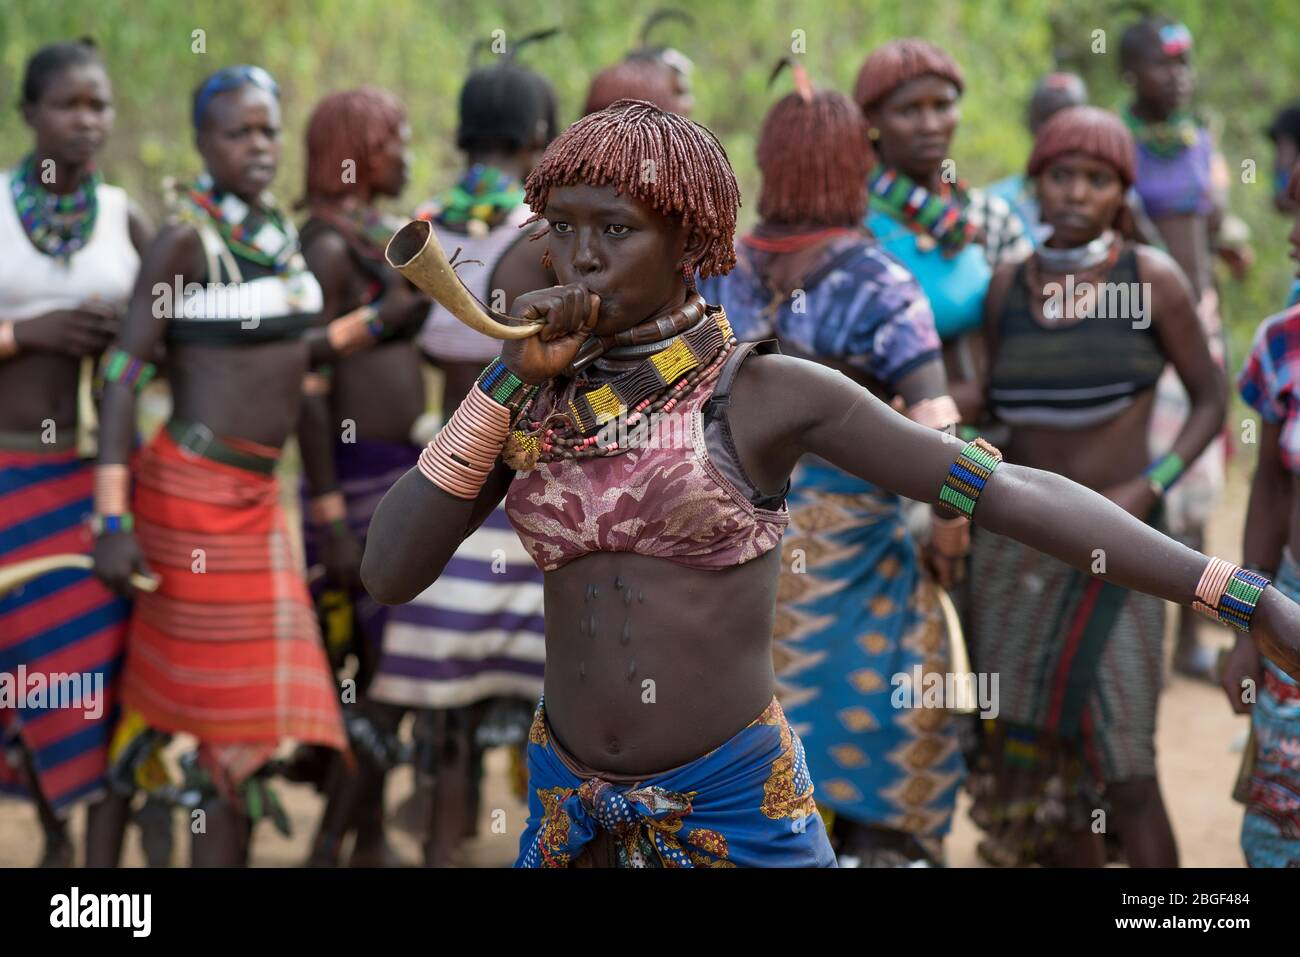 Les femmes dansent les cornes de laiton au groupe ethnique de la tribu de Morsi à l'âge de la cérémonie de saut à taureaux, Jenka, Ethiopie. Banque D'Images